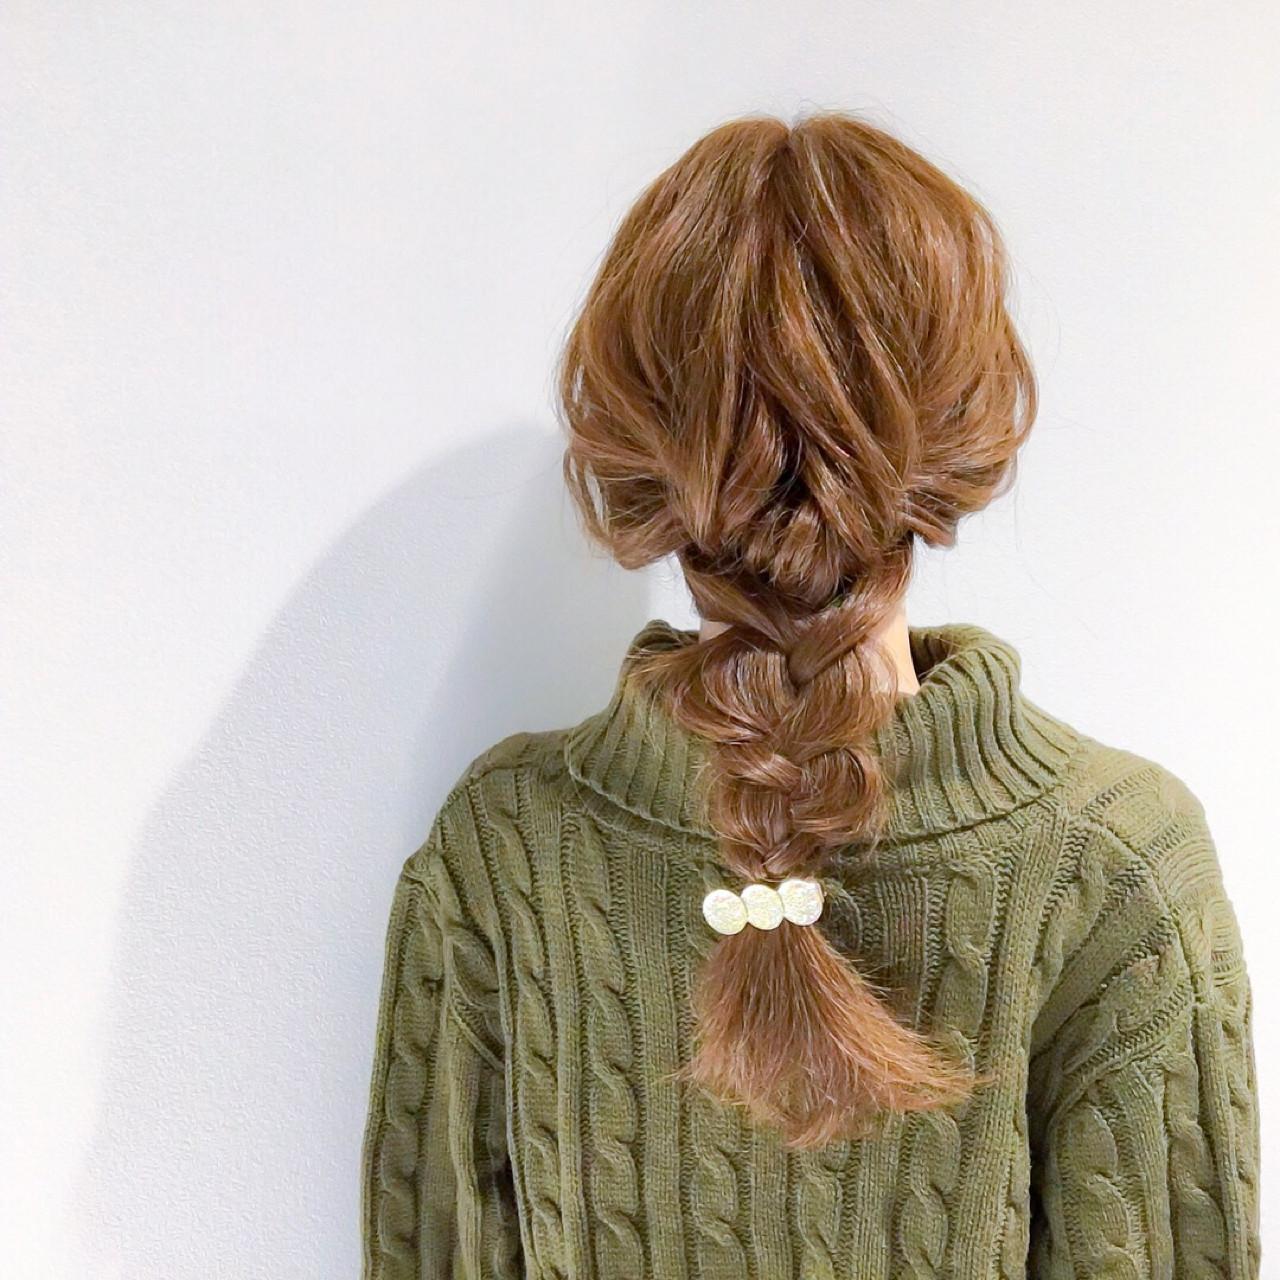 アウトドア デート 簡単ヘアアレンジ ヘアアレンジ ヘアスタイルや髪型の写真・画像